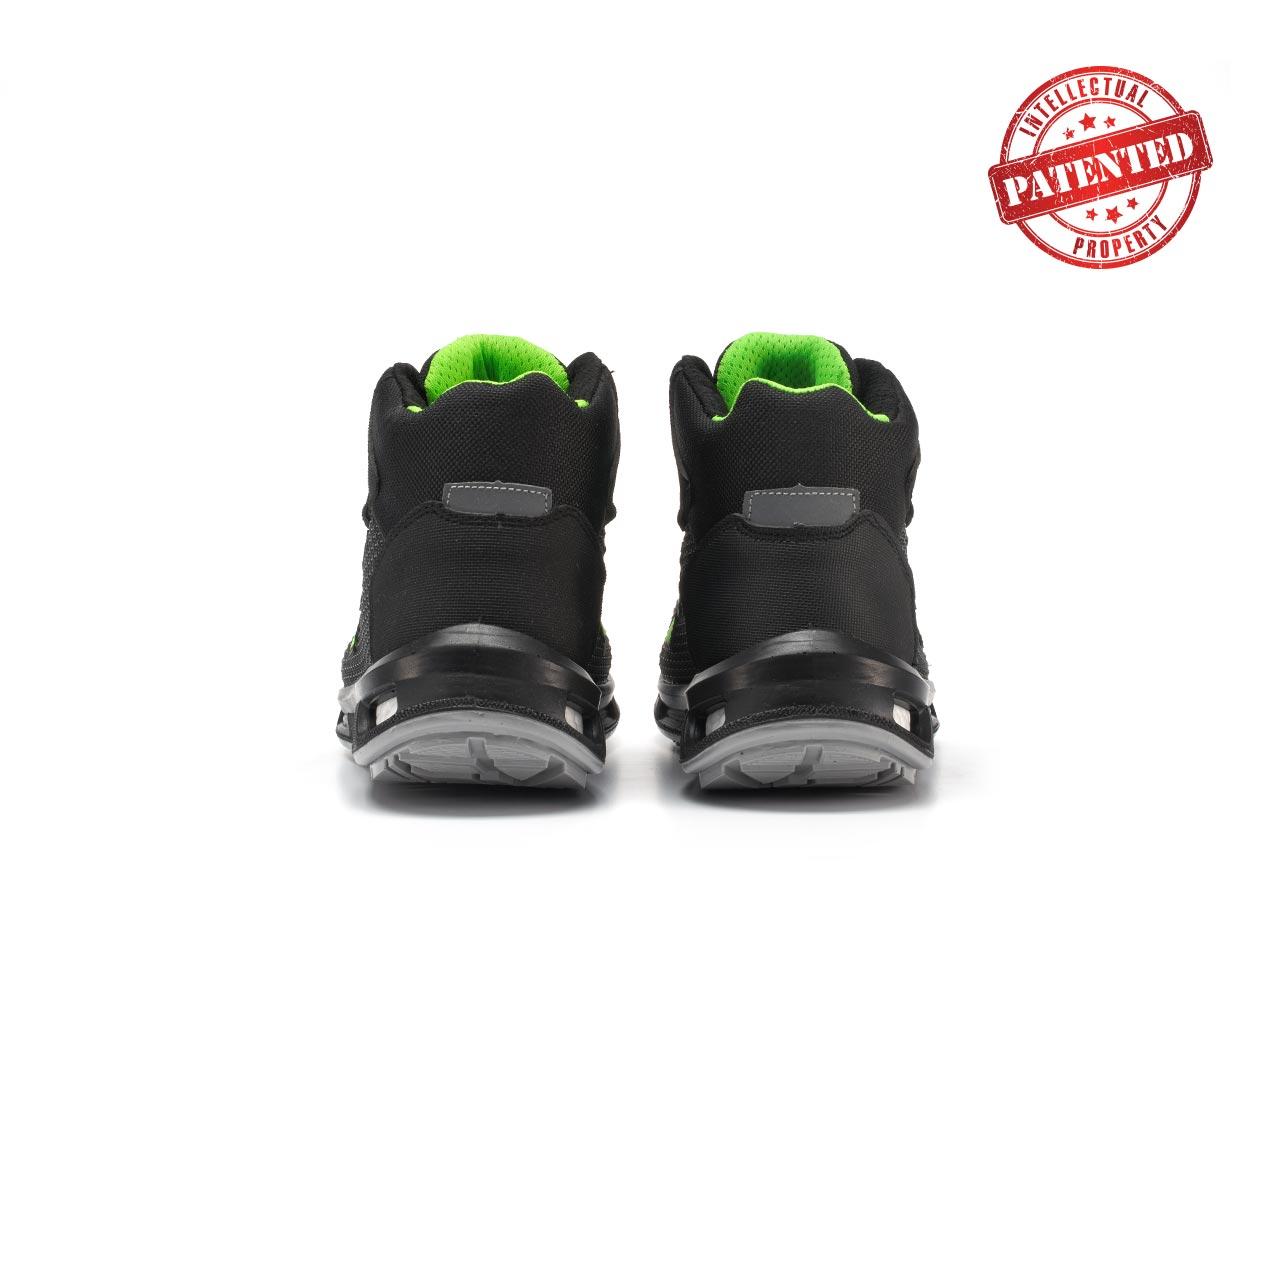 paio di scarpe antinfortunistiche alte upower modello hard linea redlion vista retro